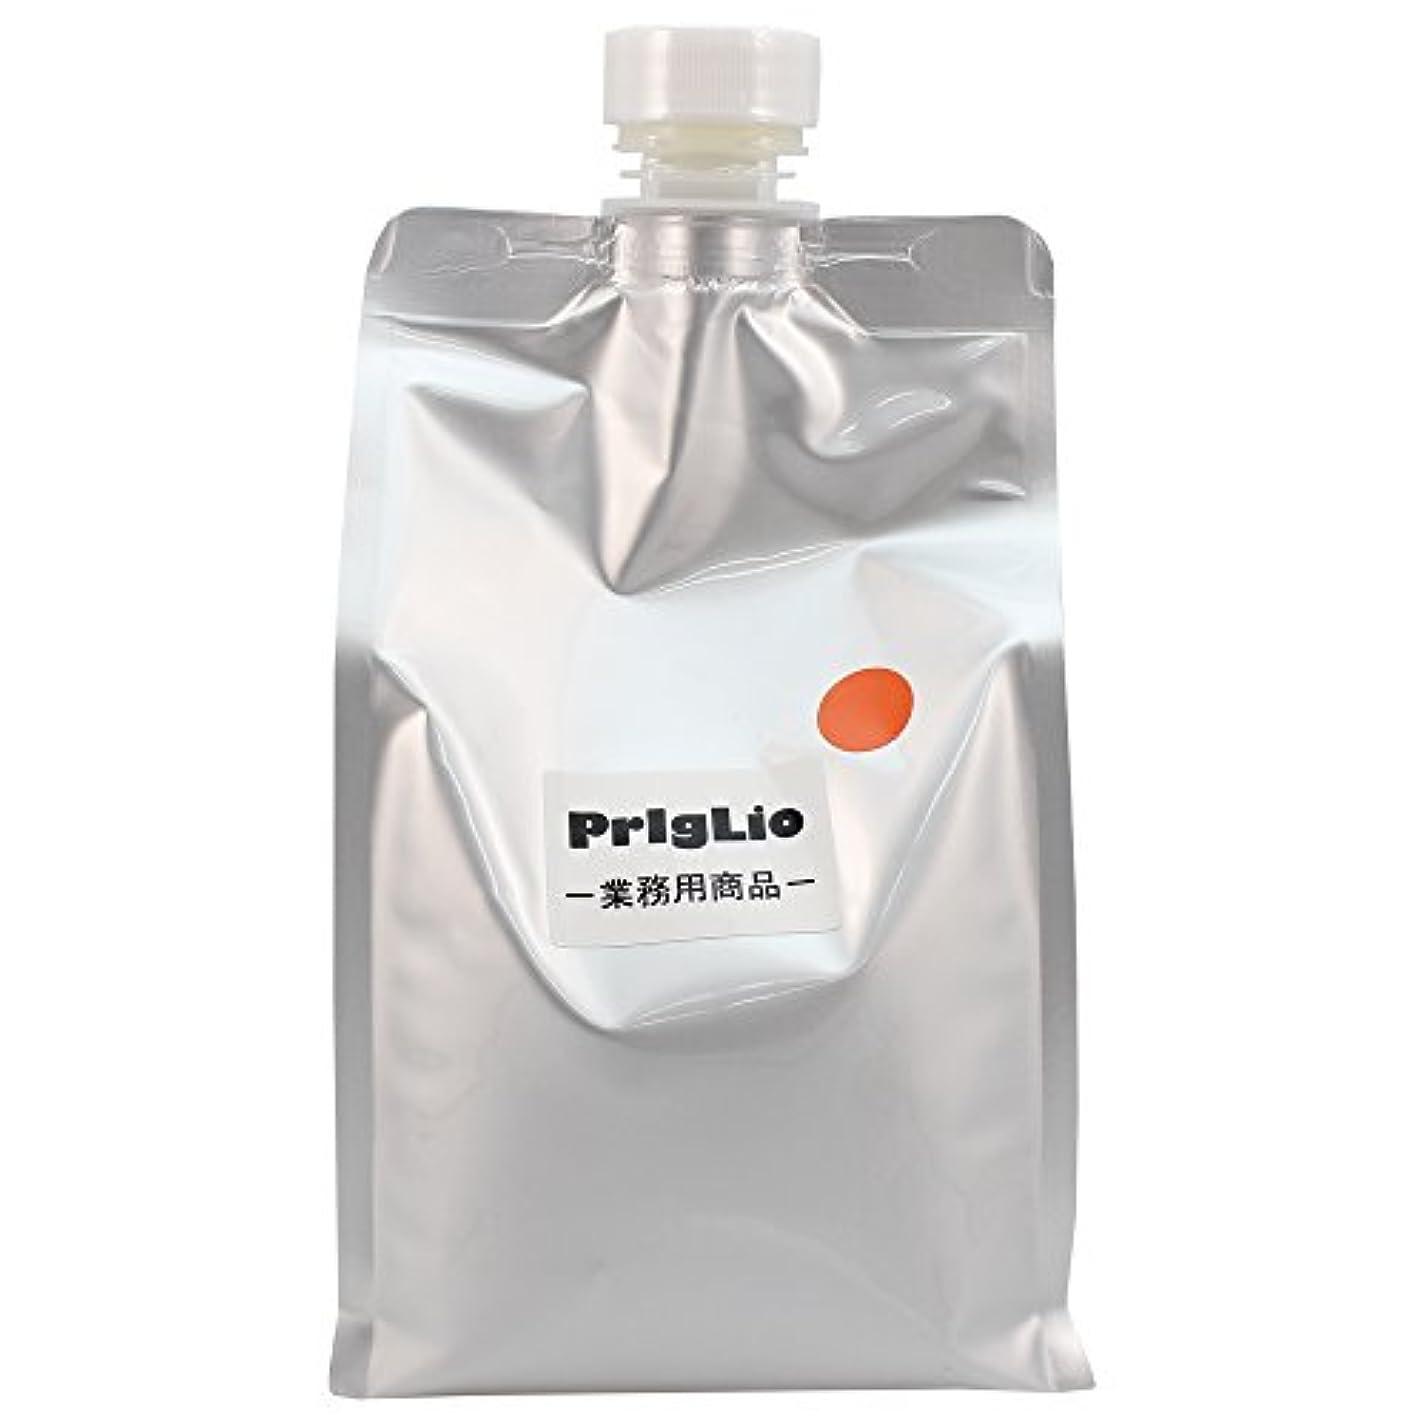 再生フォーマル洗うプリグリオD ナチュラルハーブシャンプー オレンジ 900ml